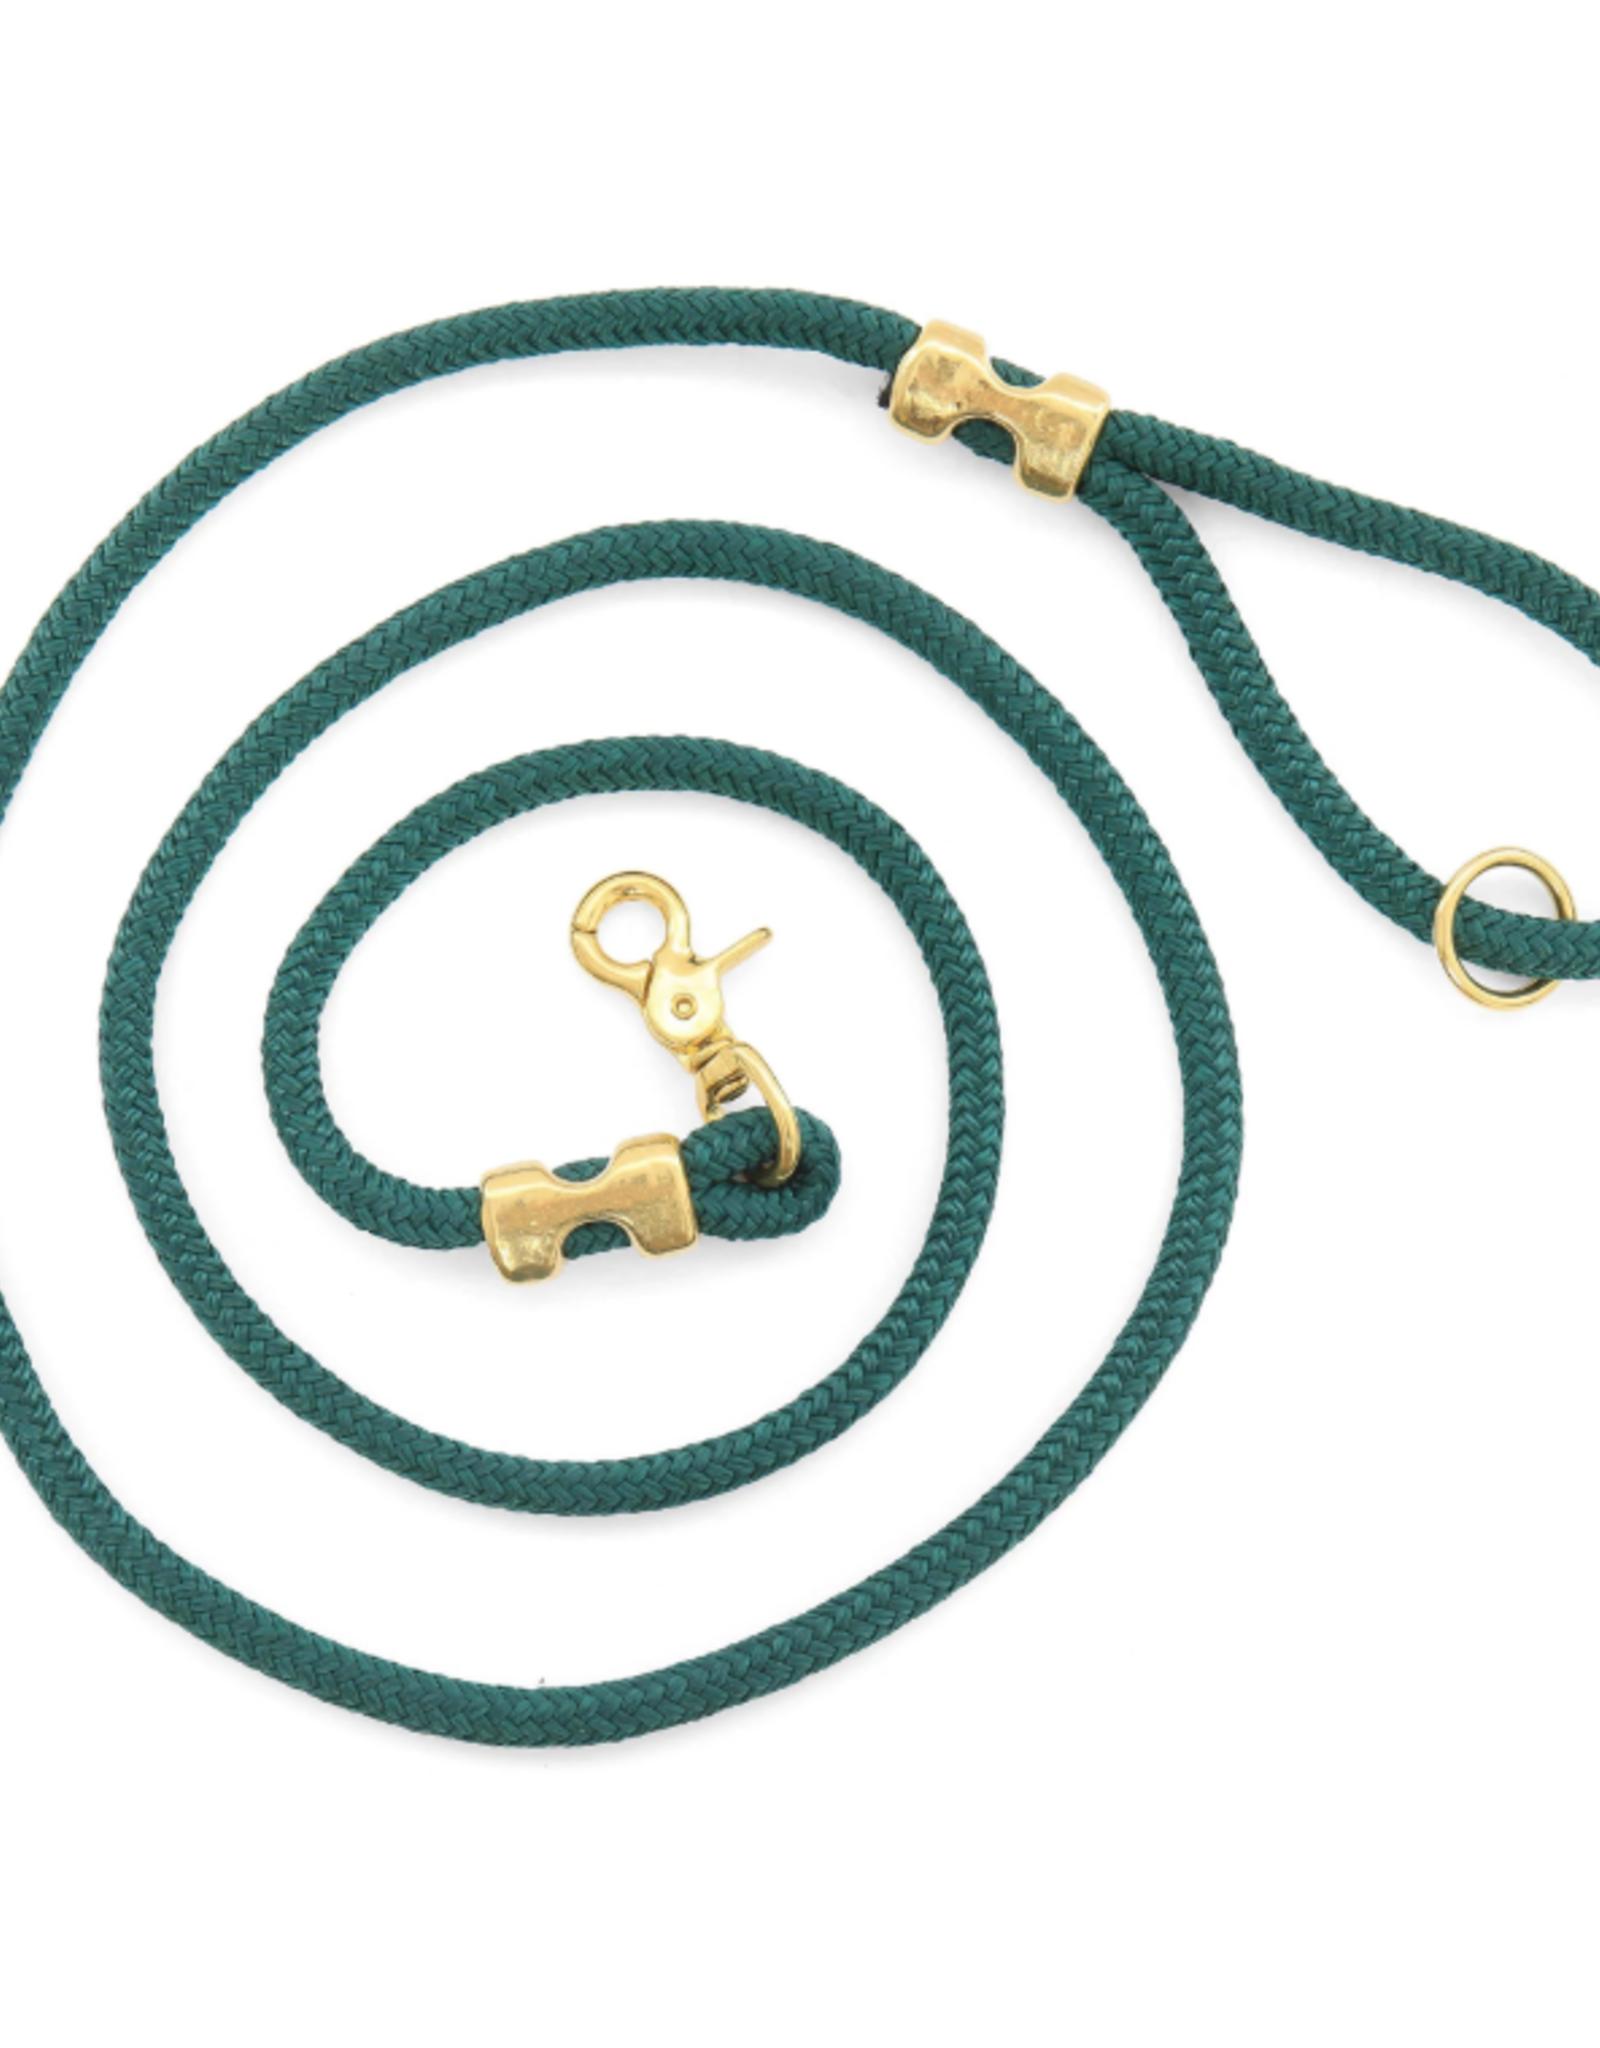 Evergreen Marine Rope Dog Leash